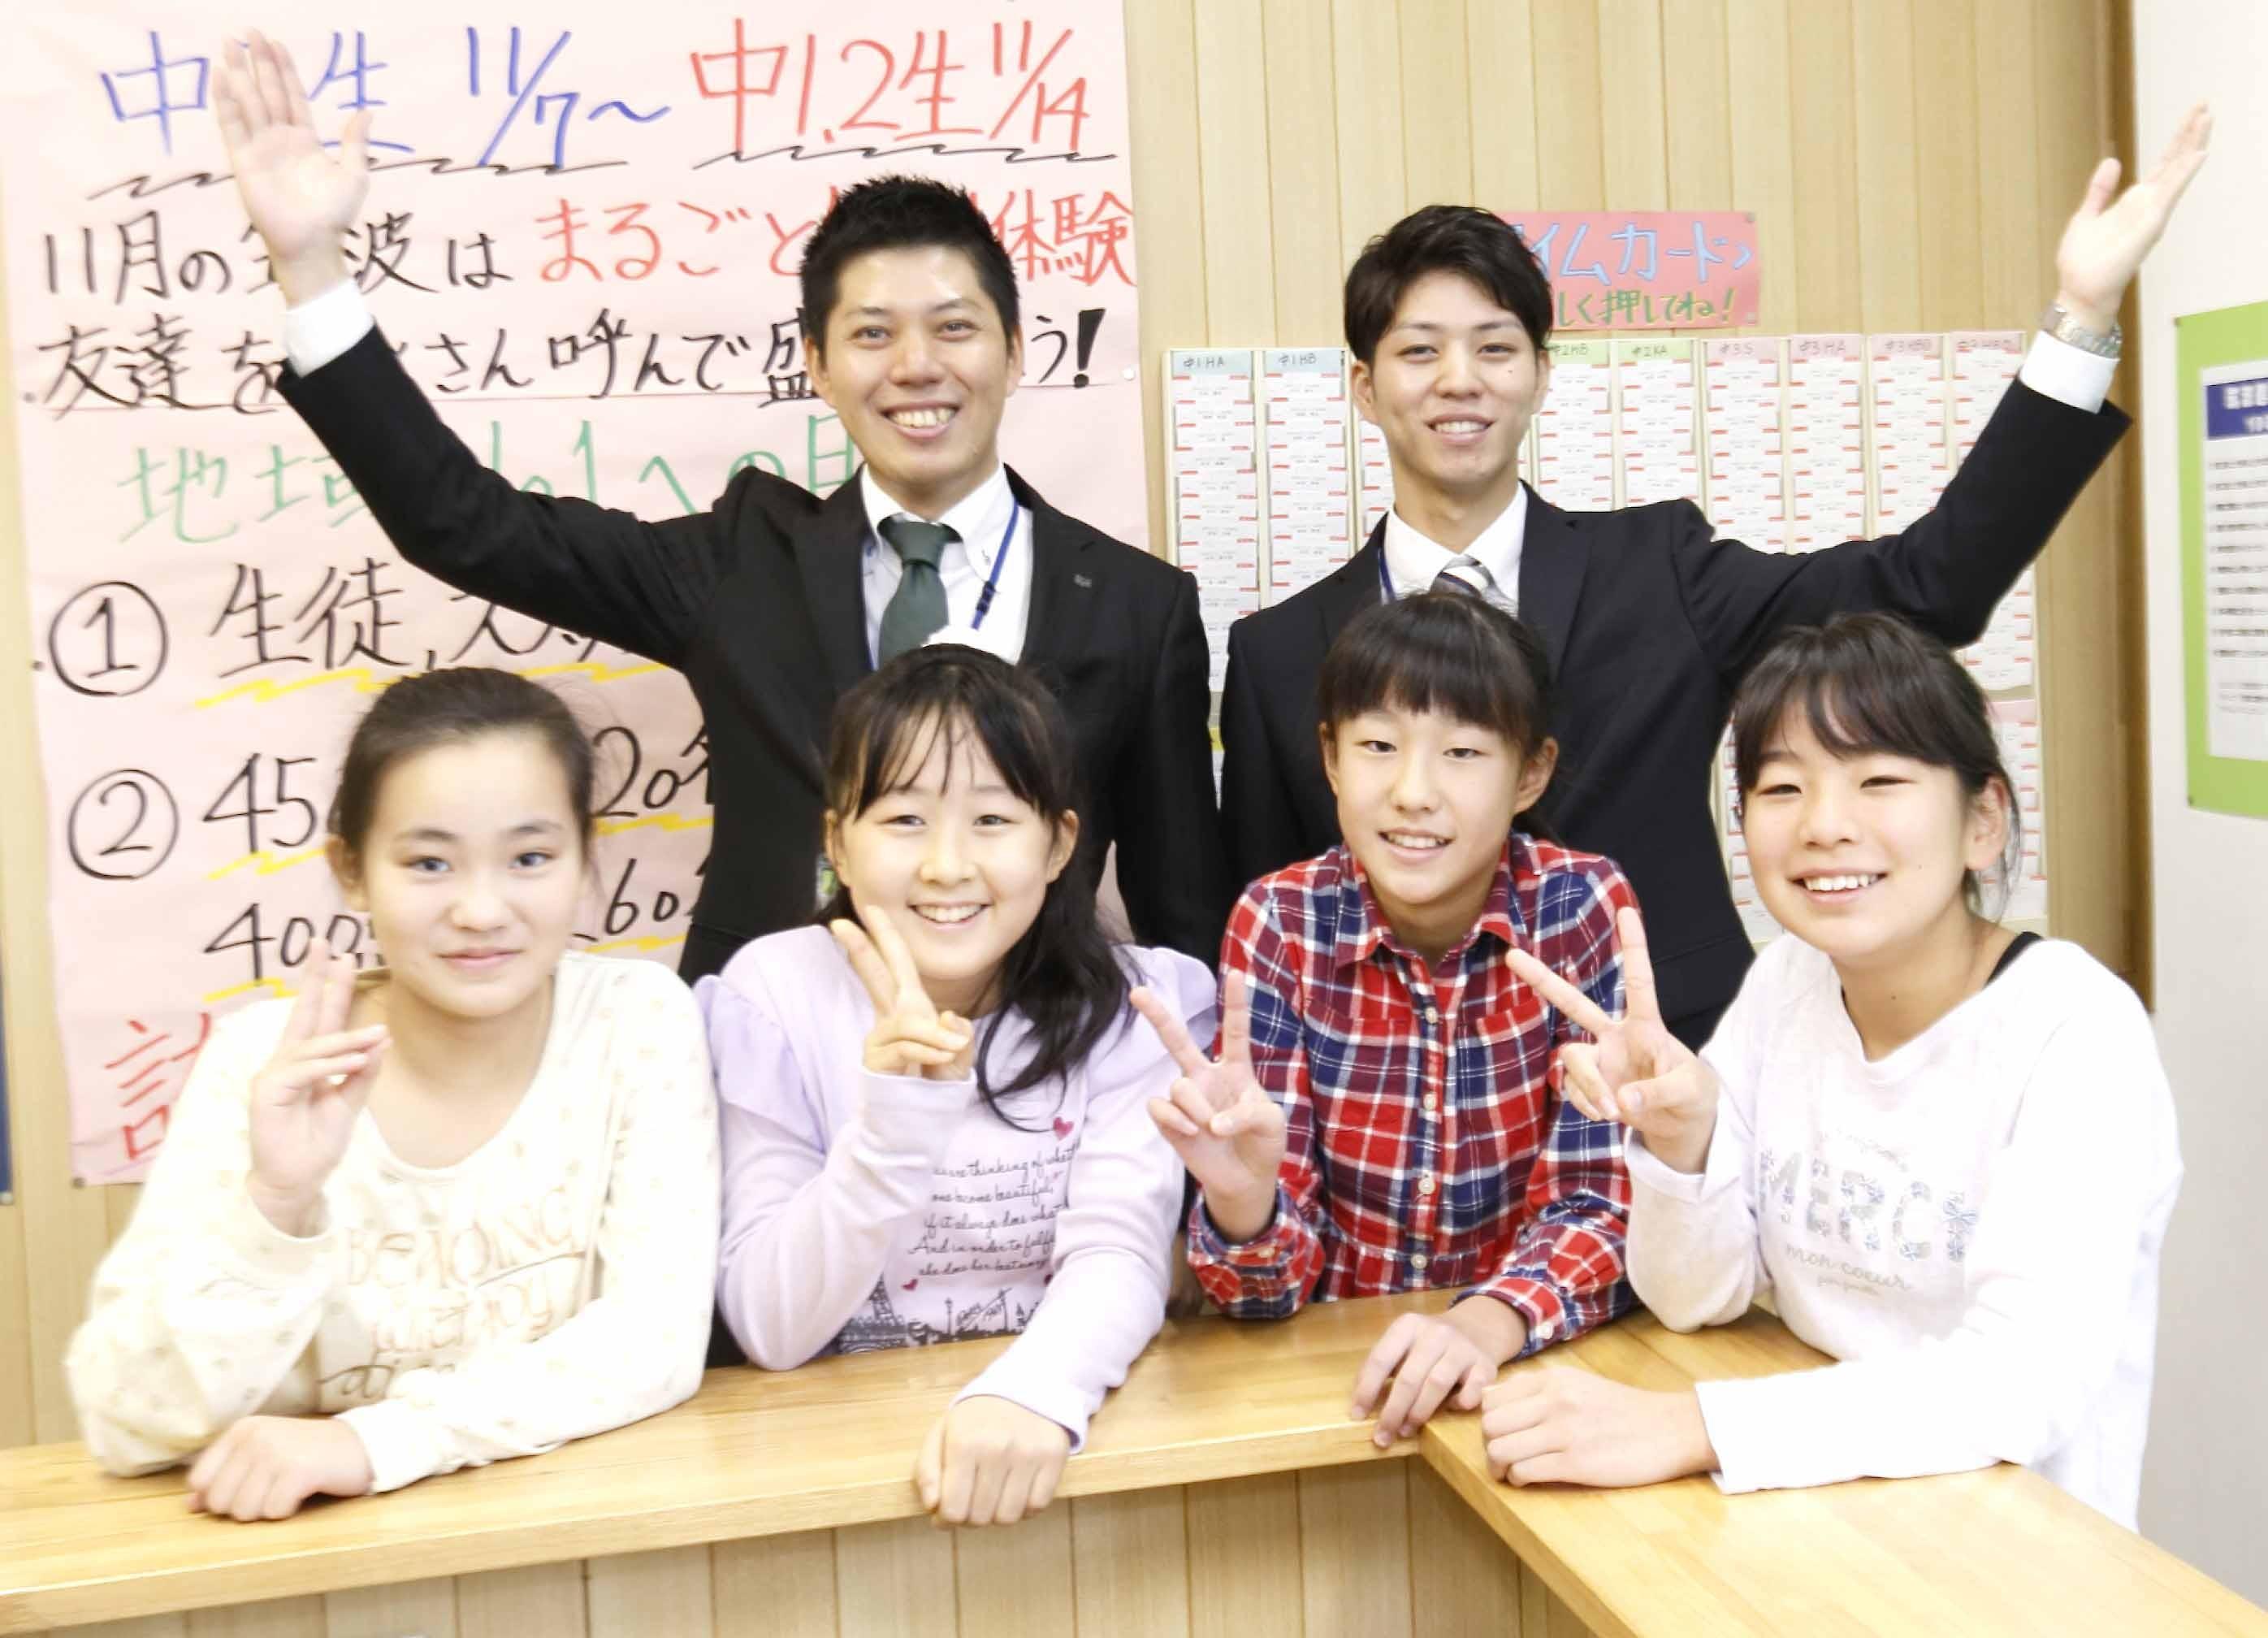 筑波進研スクール 三橋教室のアルバイト情報